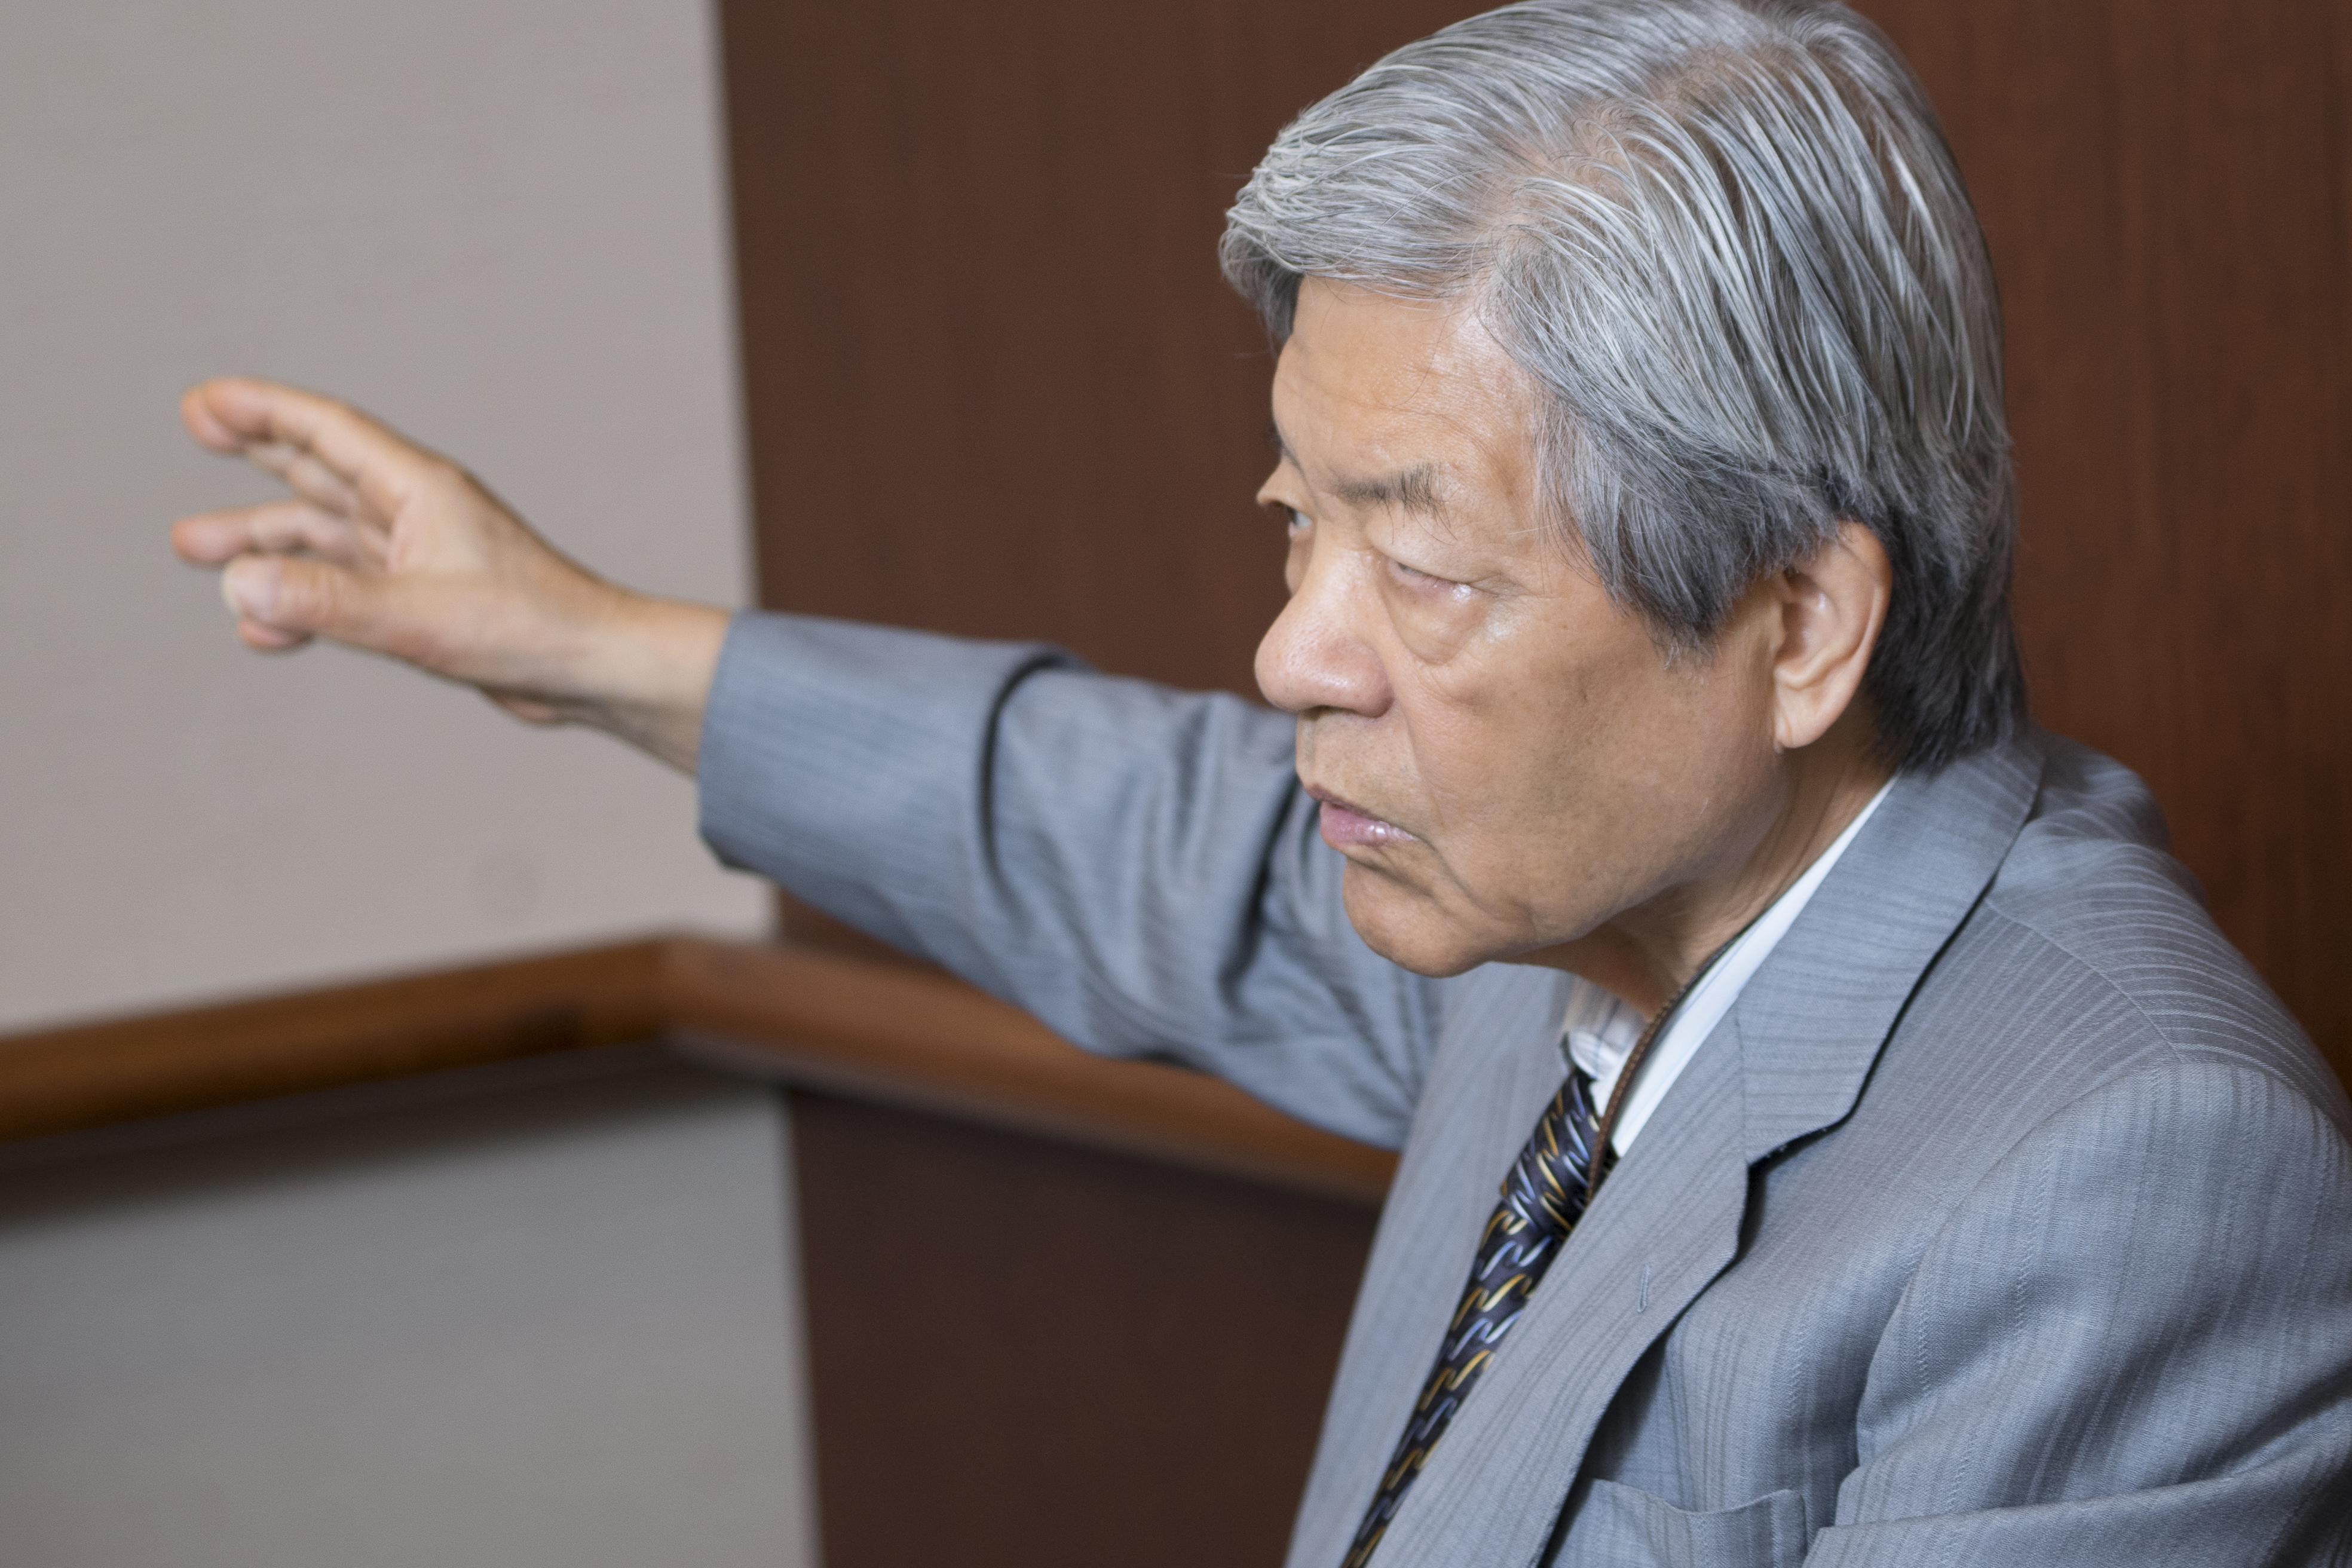 田原総一朗「猪瀬さんや舛添さんは東京の将来像について具体的なビジョンを持っていたし、実務としても進めていた」